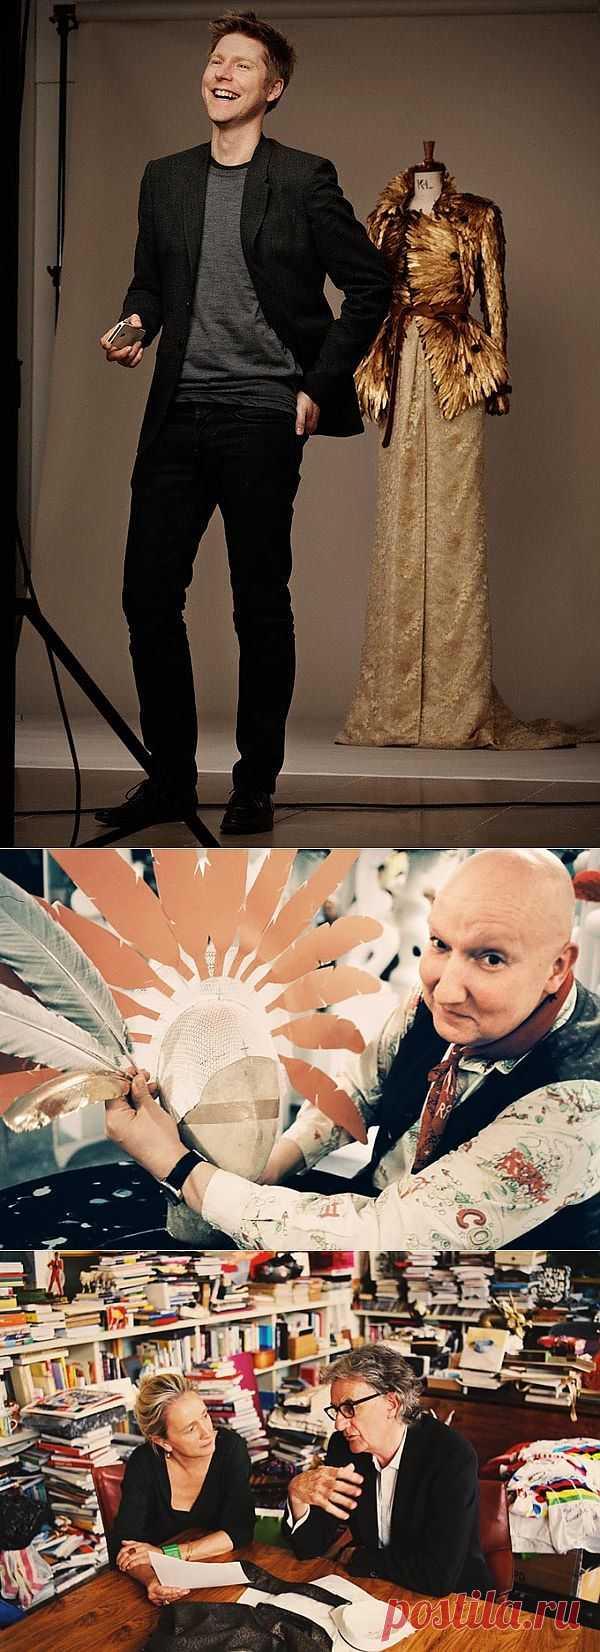 Британские дизайнеры за работой (подборка фото) / Дизайнеры / Модный сайт о стильной переделке одежды и интерьера